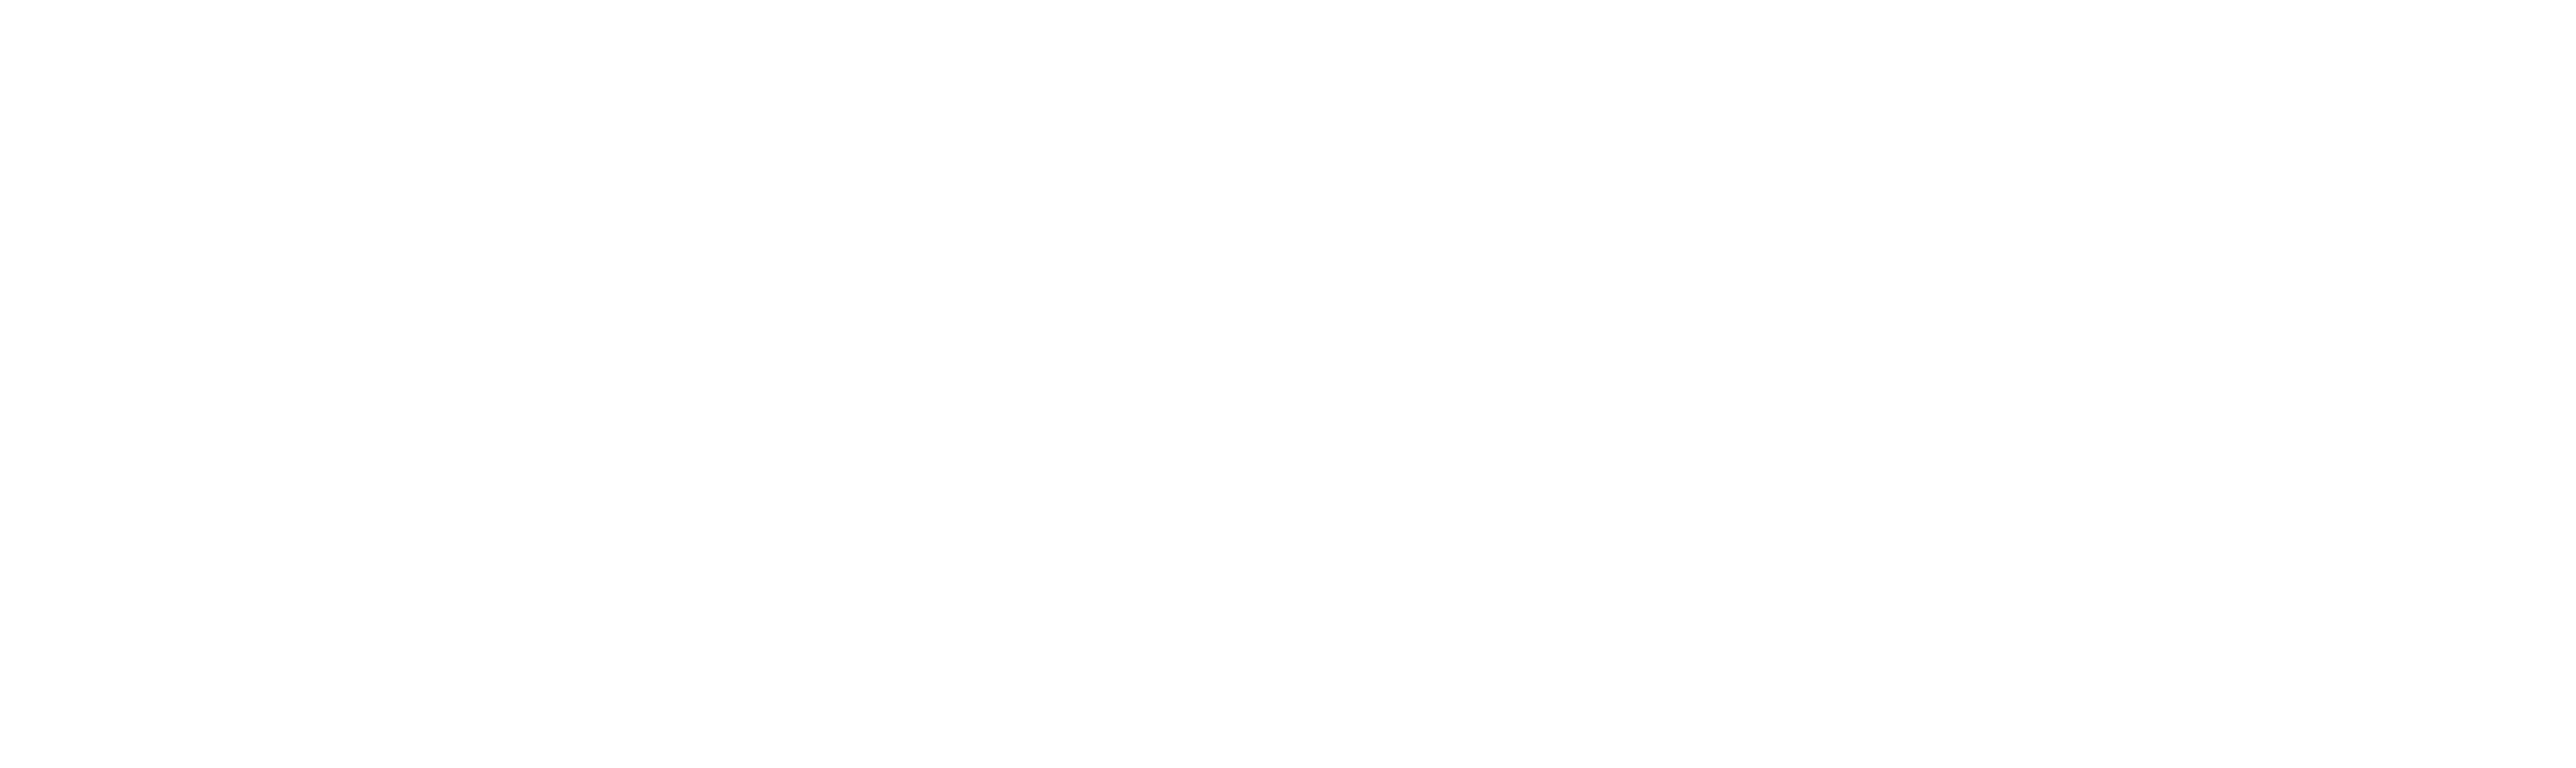 Banner ohne viel Text 900px